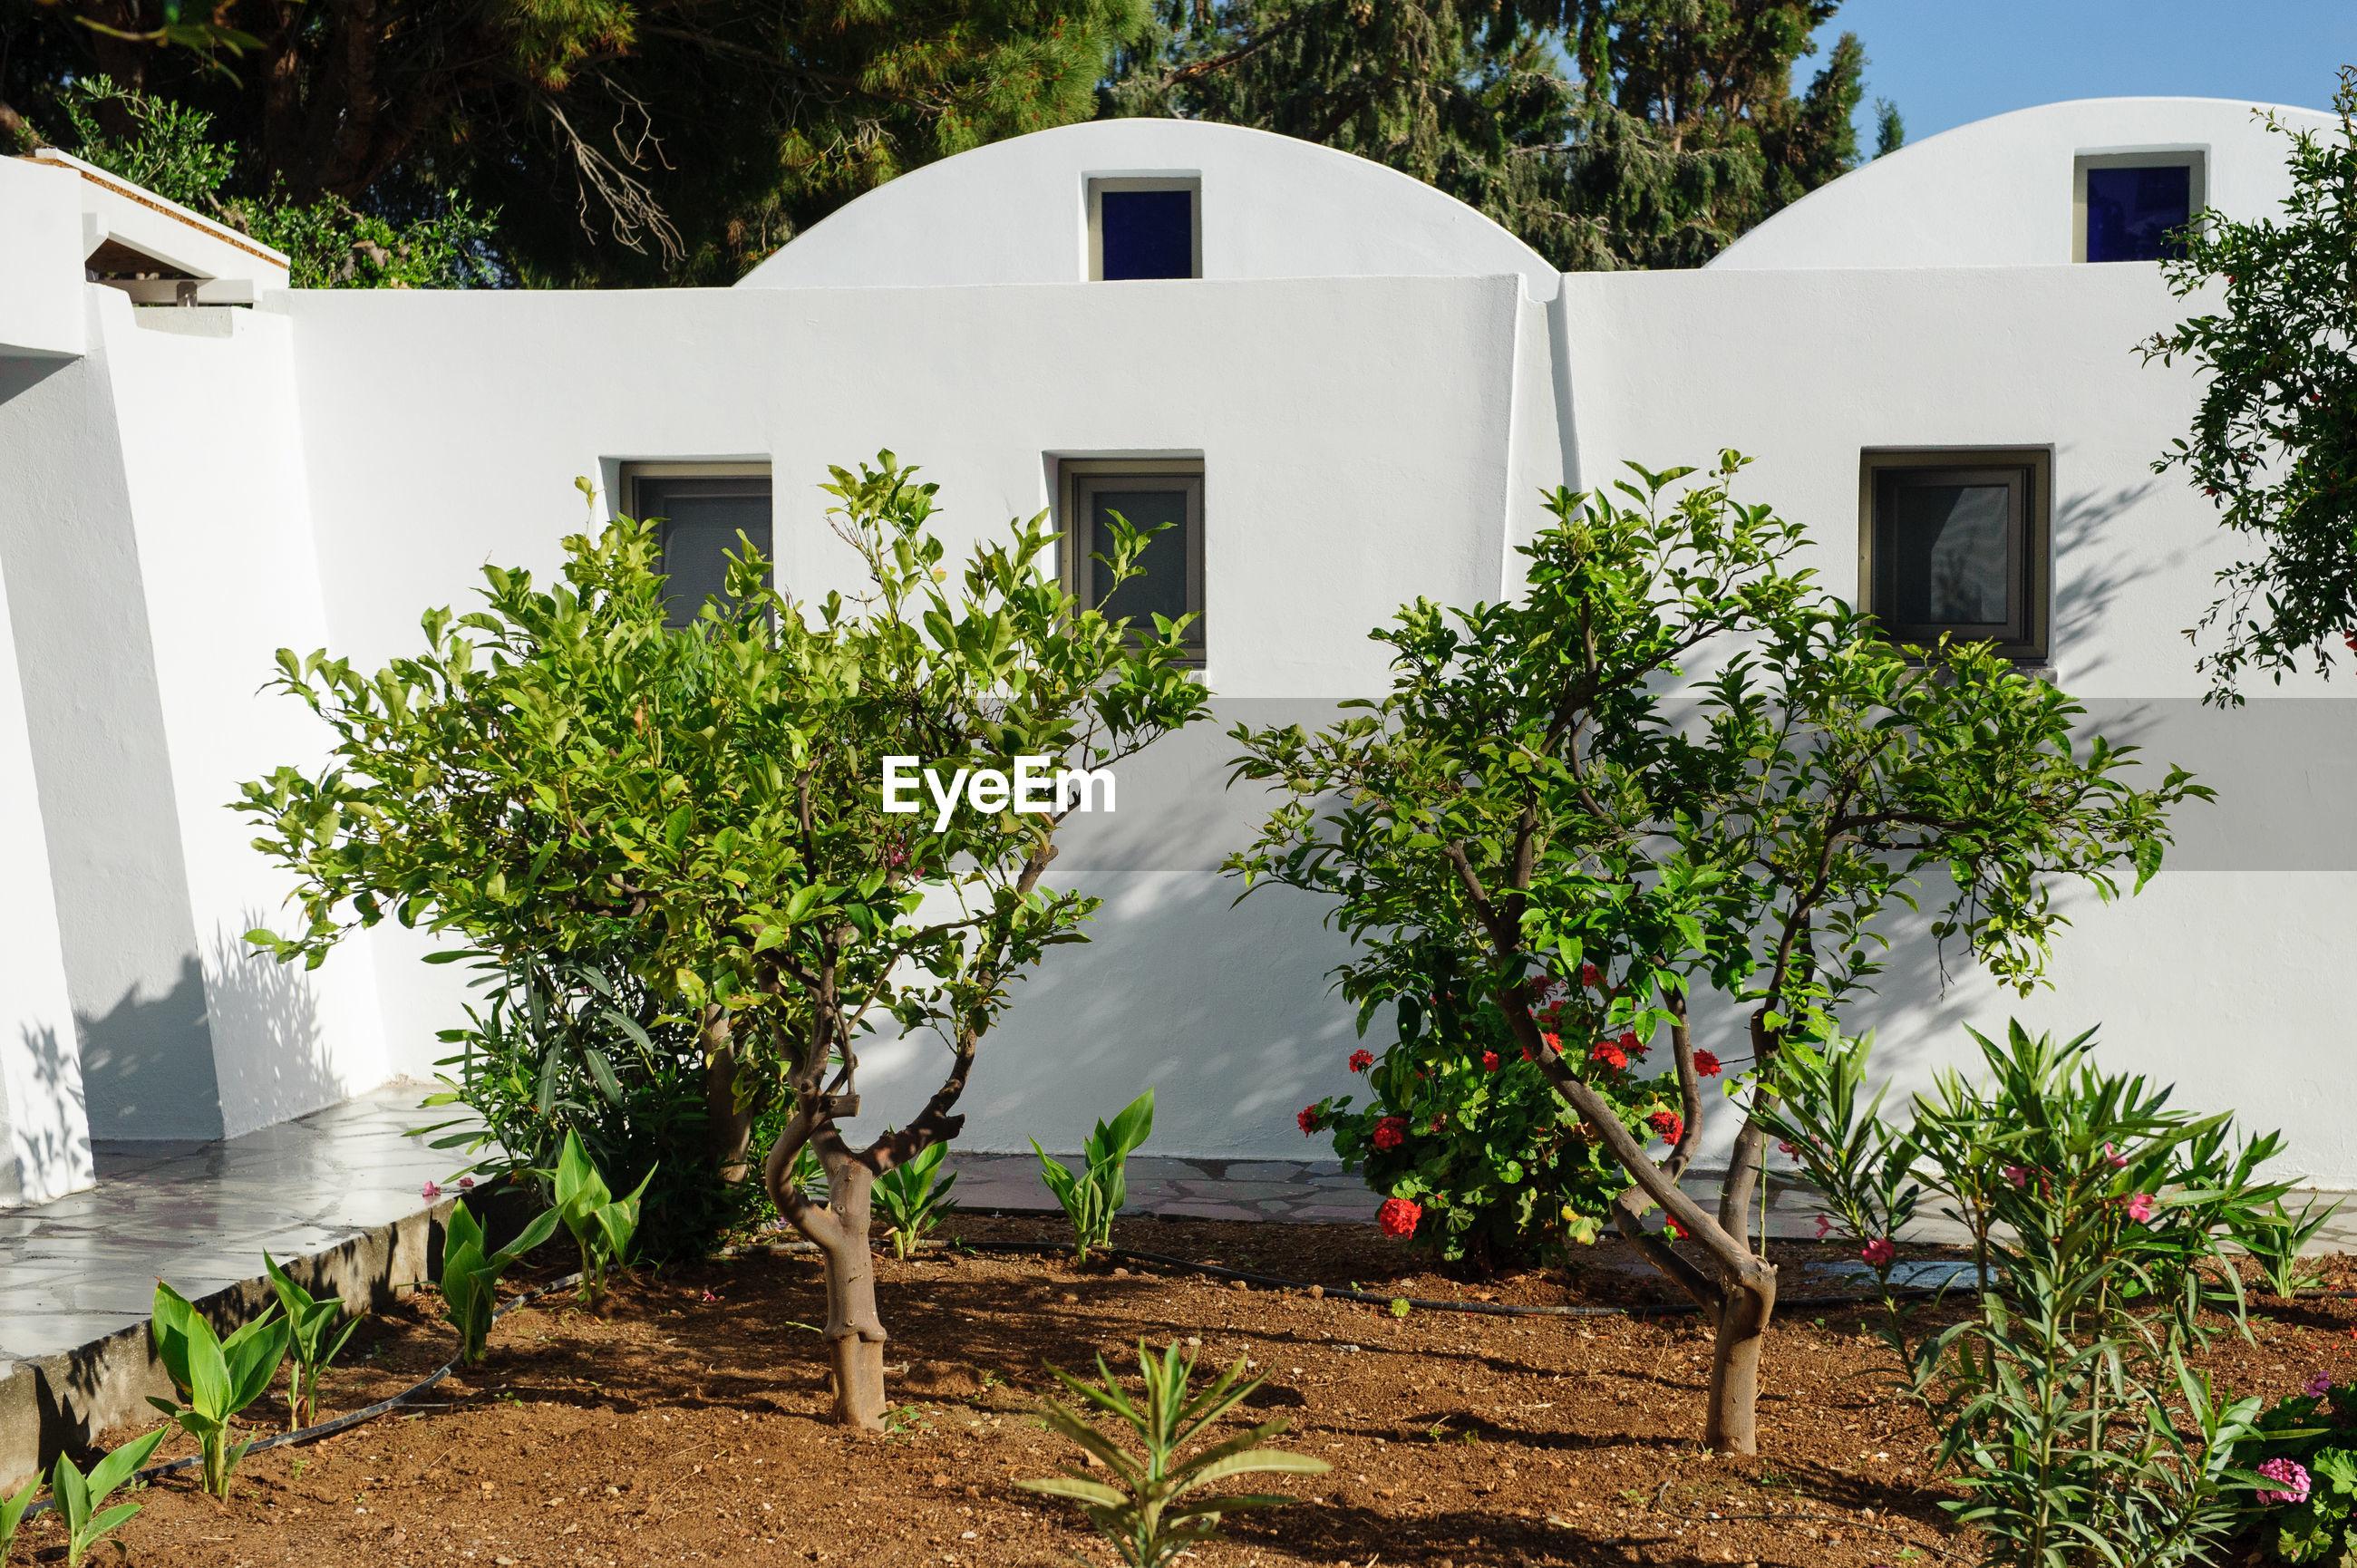 PLANTS AGAINST BUILDING